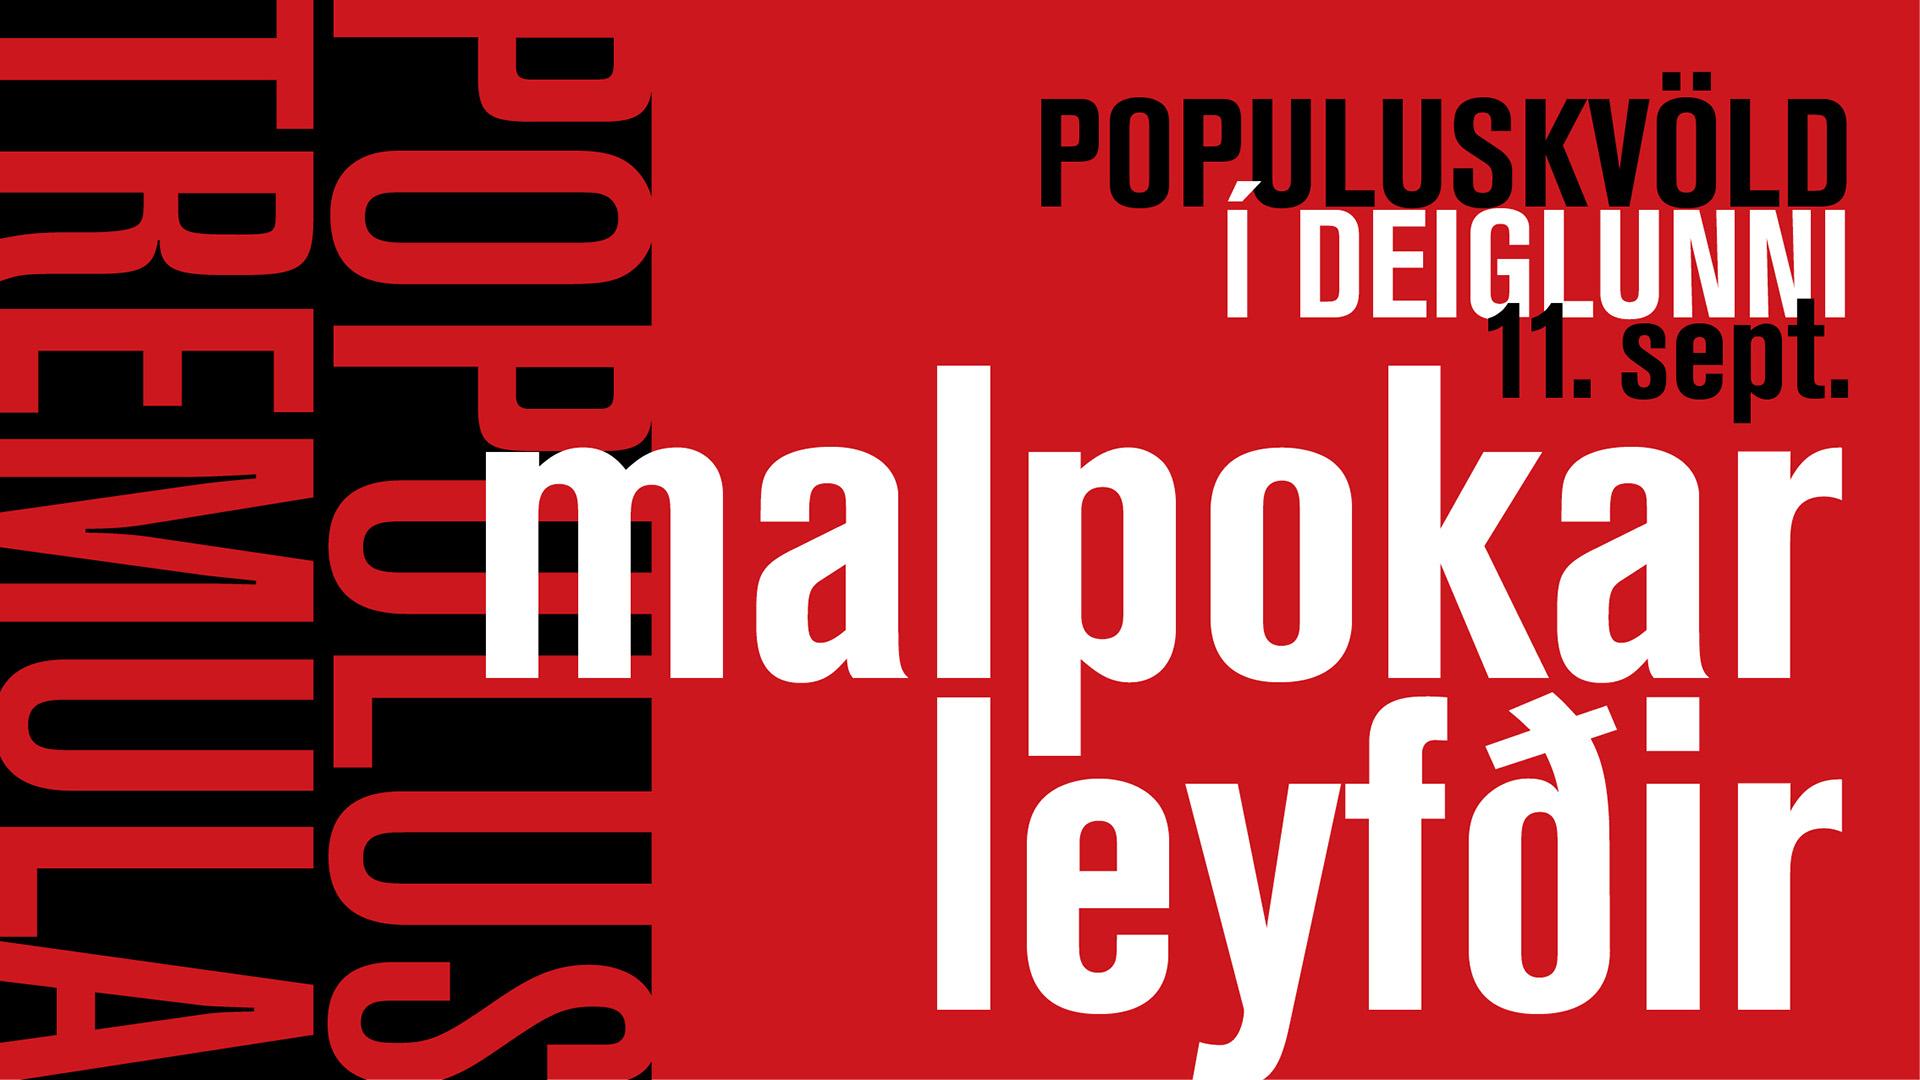 Gilfélagið 30 ára – Populus kvöld í Deiglunni 11. september